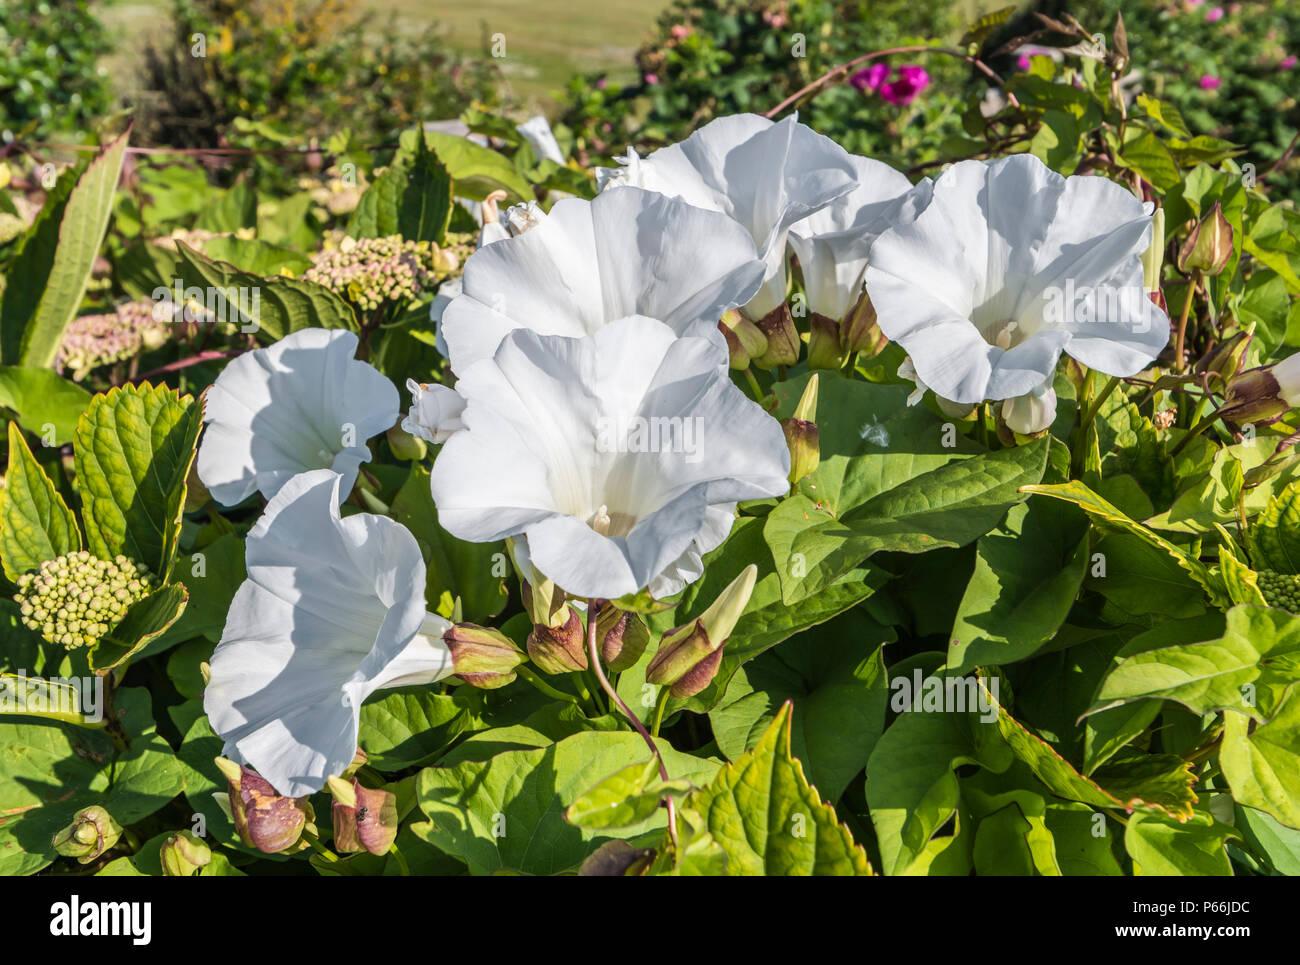 Weiß Trompete Blumen der Hedge Bindweed (Calystegia sepium, Rutland Schönheit, Bugle Weinstock, himmlischen Posaunen, bellbind) im Sommer in West Sussex, UK. Stockbild